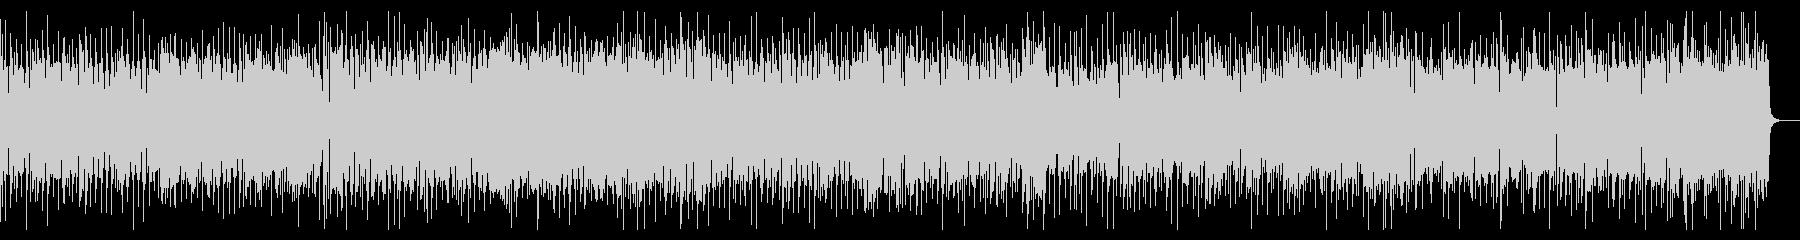 ヘヴィーなリフのロックの未再生の波形